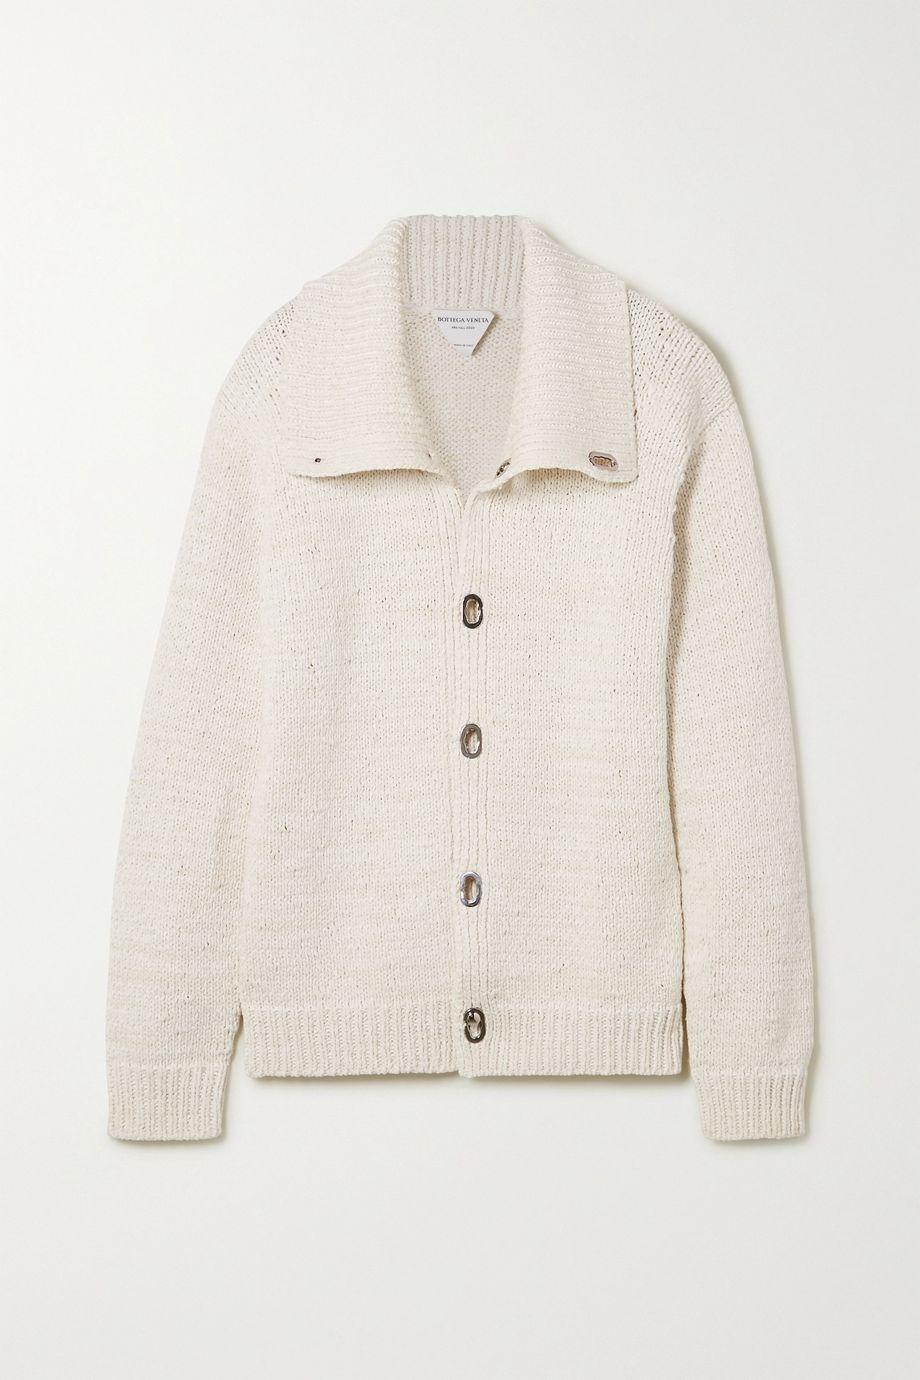 Bottega Veneta 大廓形针织夹克